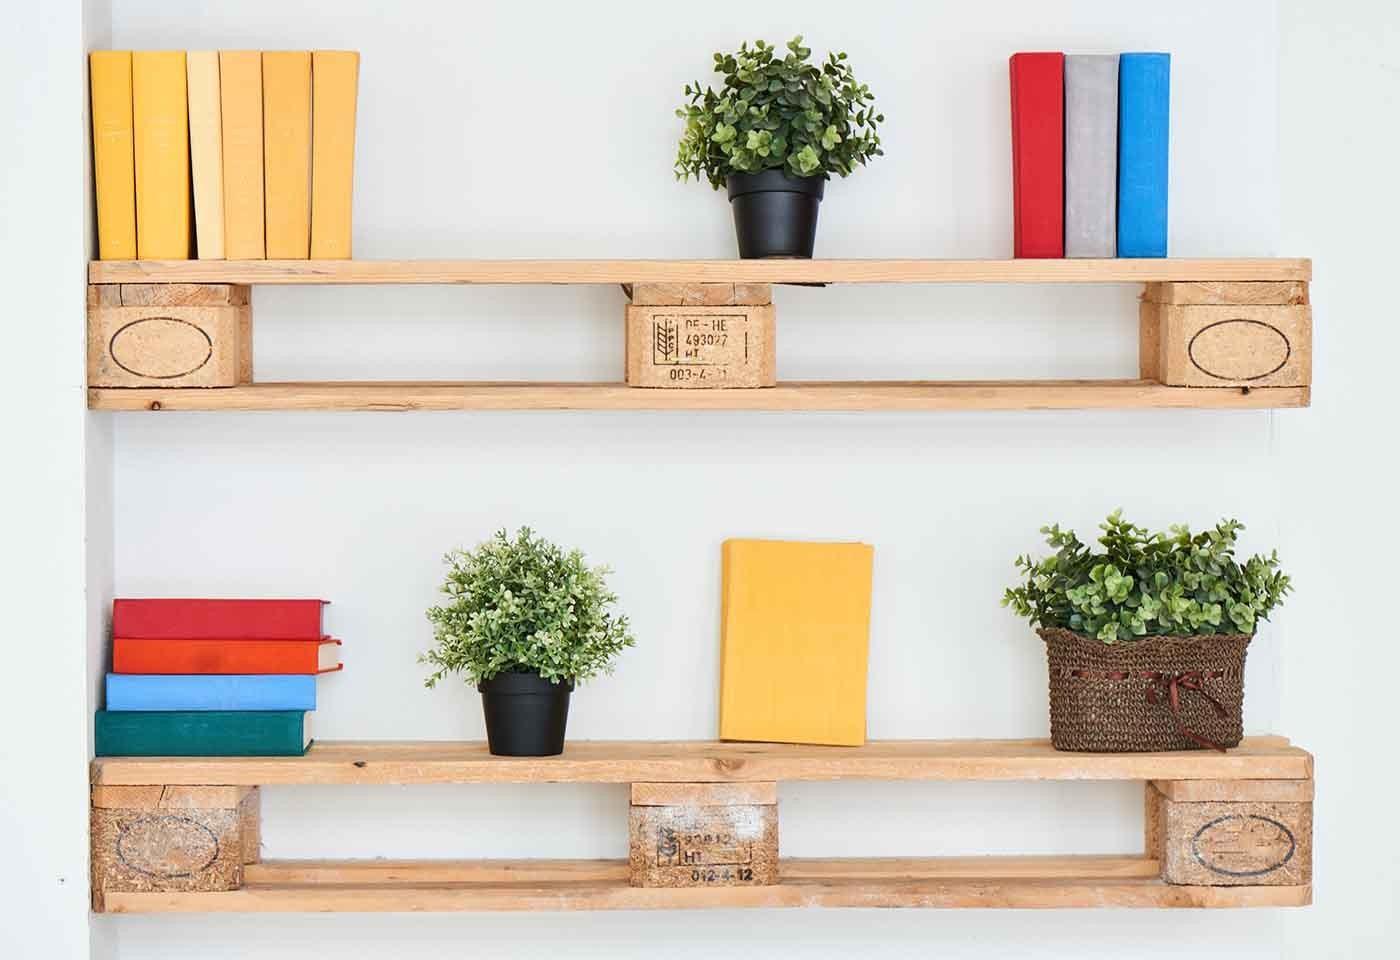 Costruire Mensole Per Libreria A Muro.Mensole Fai Da Te Originali In Legno Riciclo Creativo E Idee